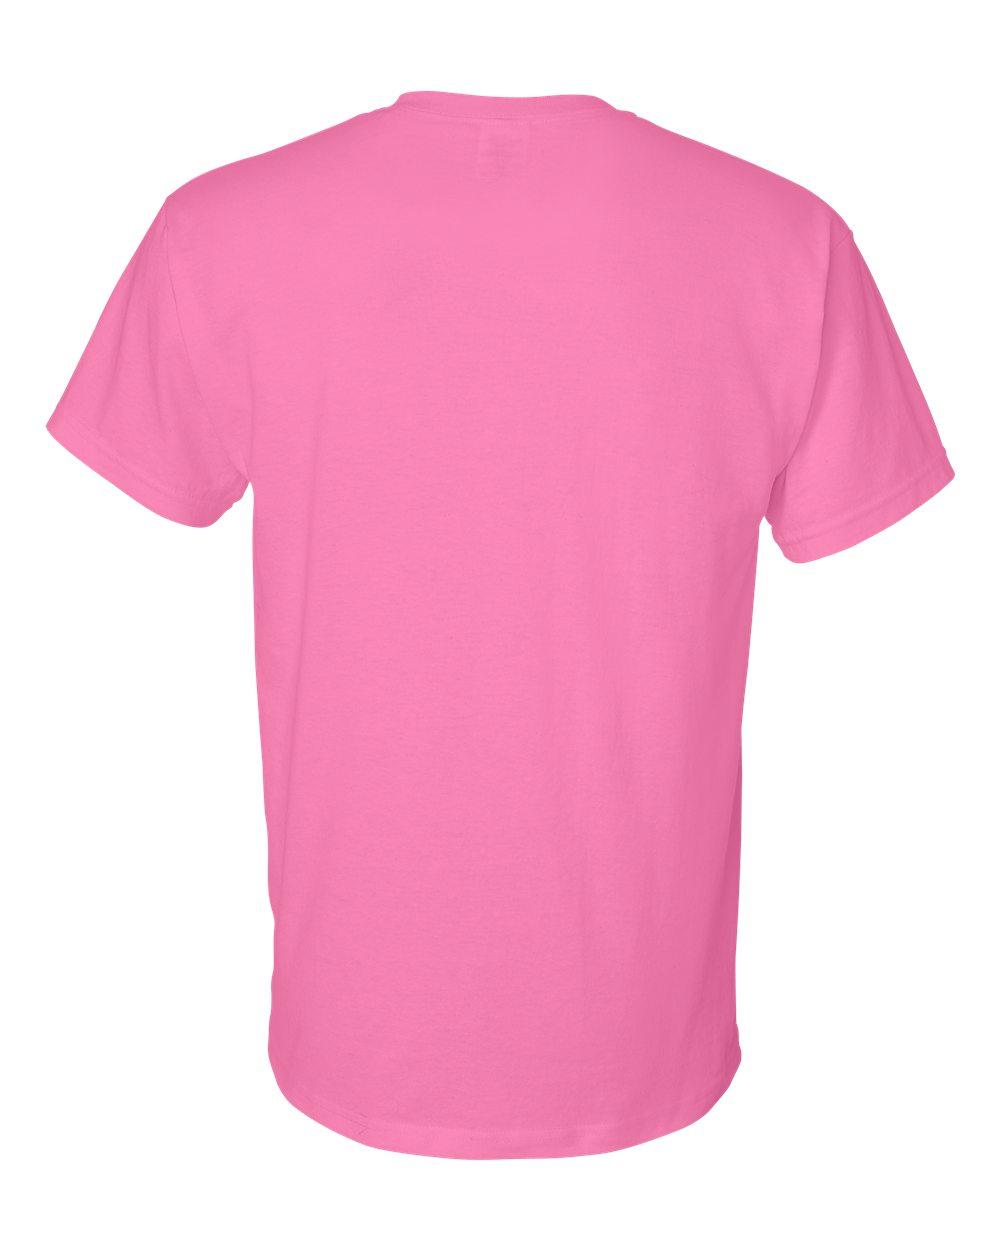 Gildan-Mens-DryBlend-5-6-oz-50-50-T-Shirt-G800-Size-S-5XL thumbnail 9